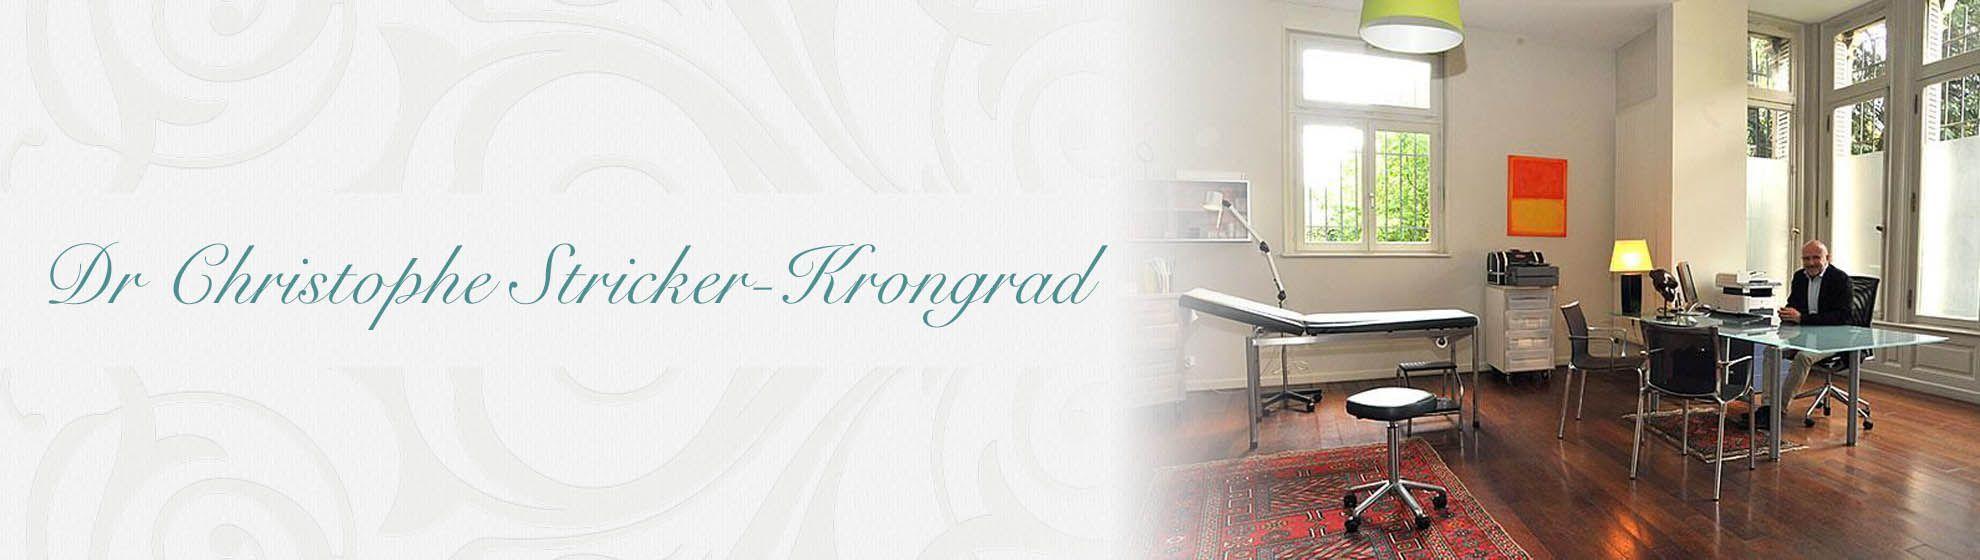 Dr Christophe Stricker-Krongrad